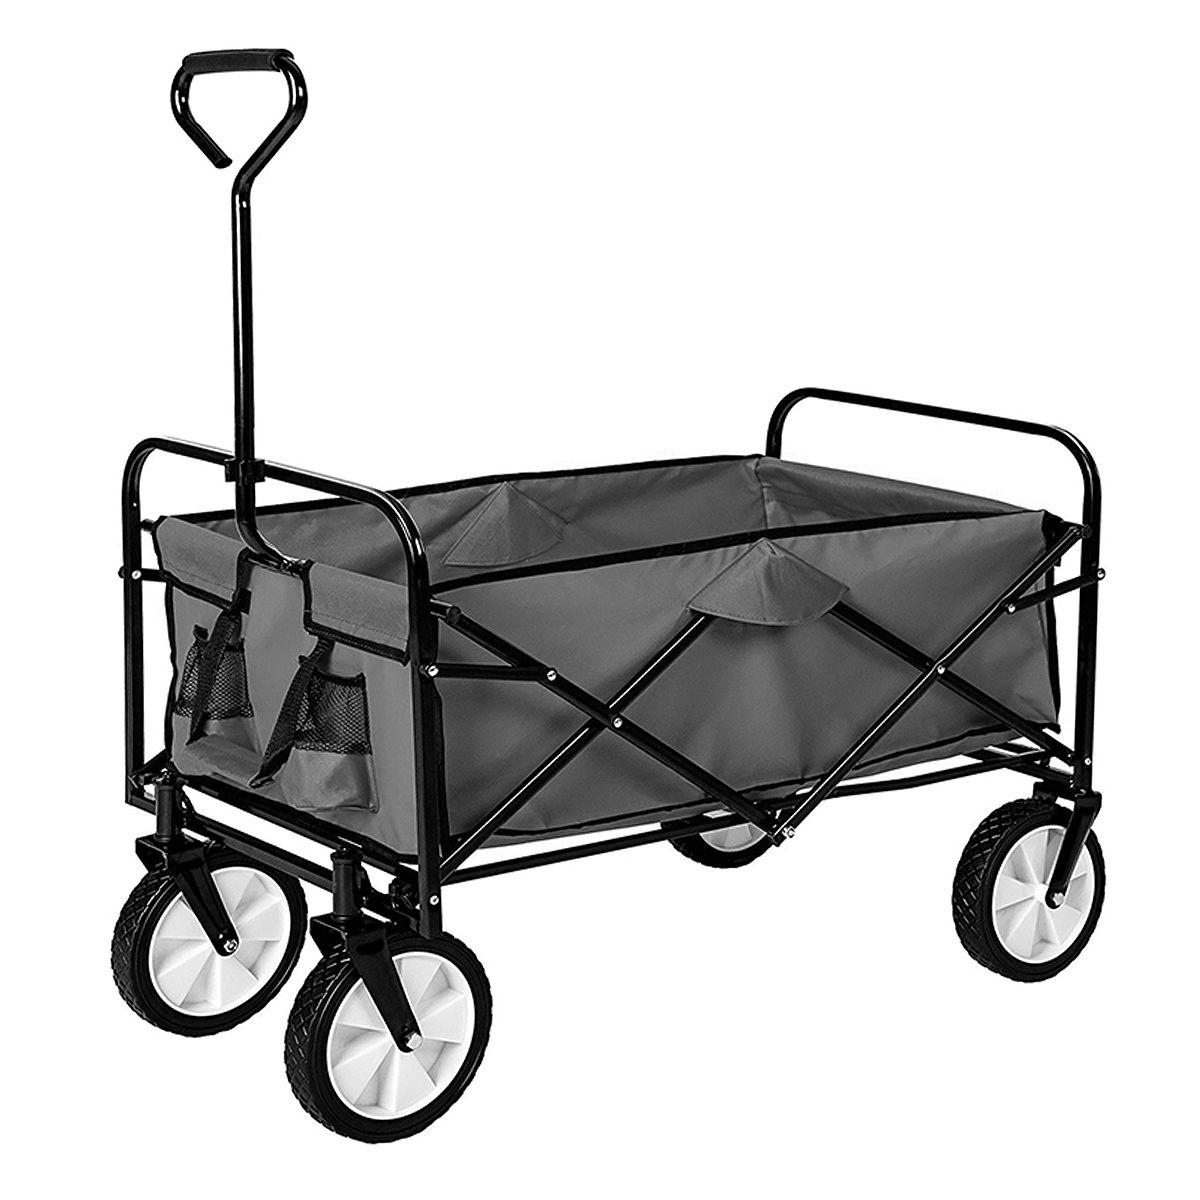 Chariot De Jardin Pliable - Remorque À Main 4 Roues ... destiné Chariot De Jardin 4 Roues